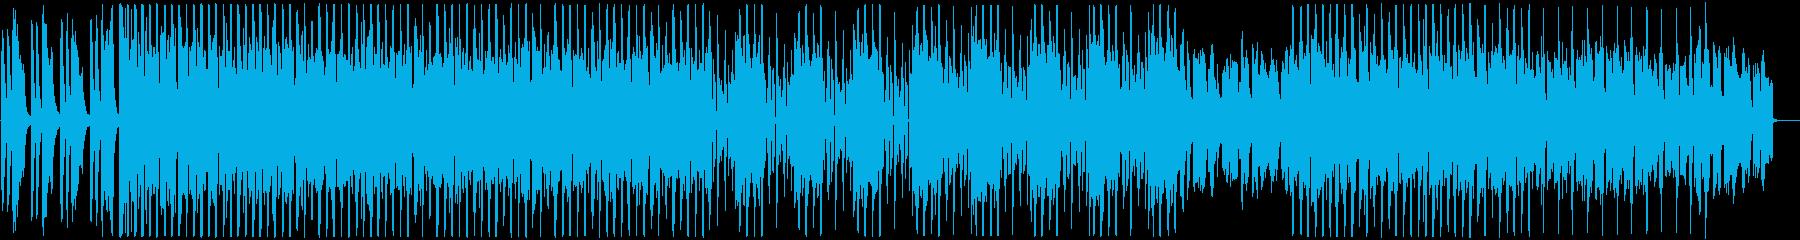 オープ二ングやピッタリ!軽快なテクノの再生済みの波形